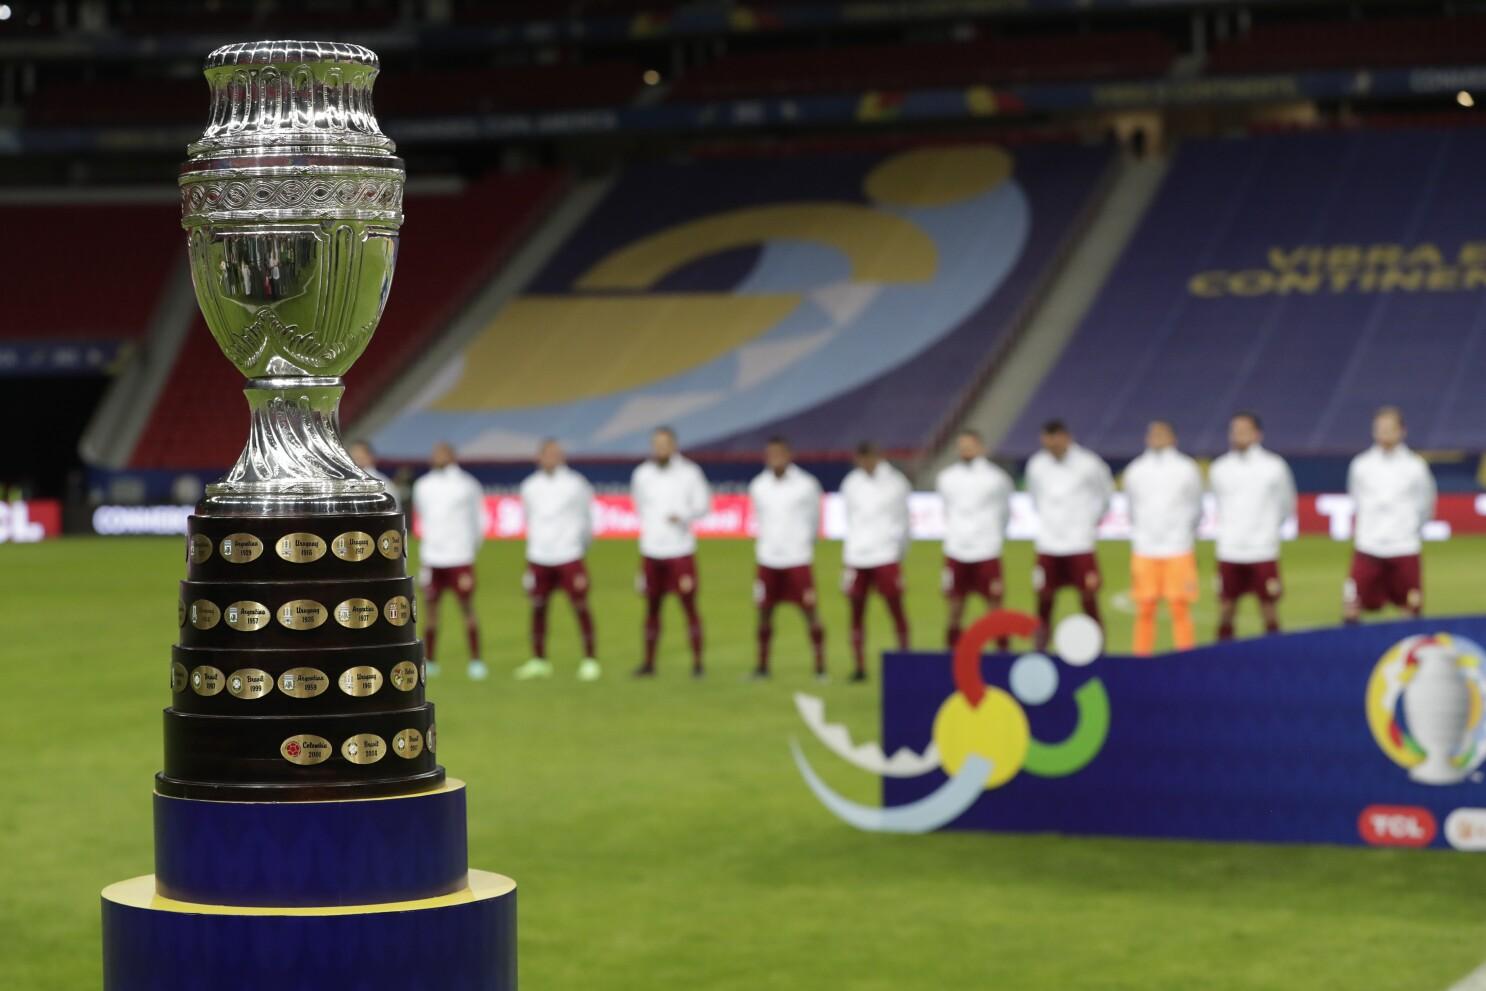 41 casos de COVID-19 vinculados a Copa América - Los Angeles Times